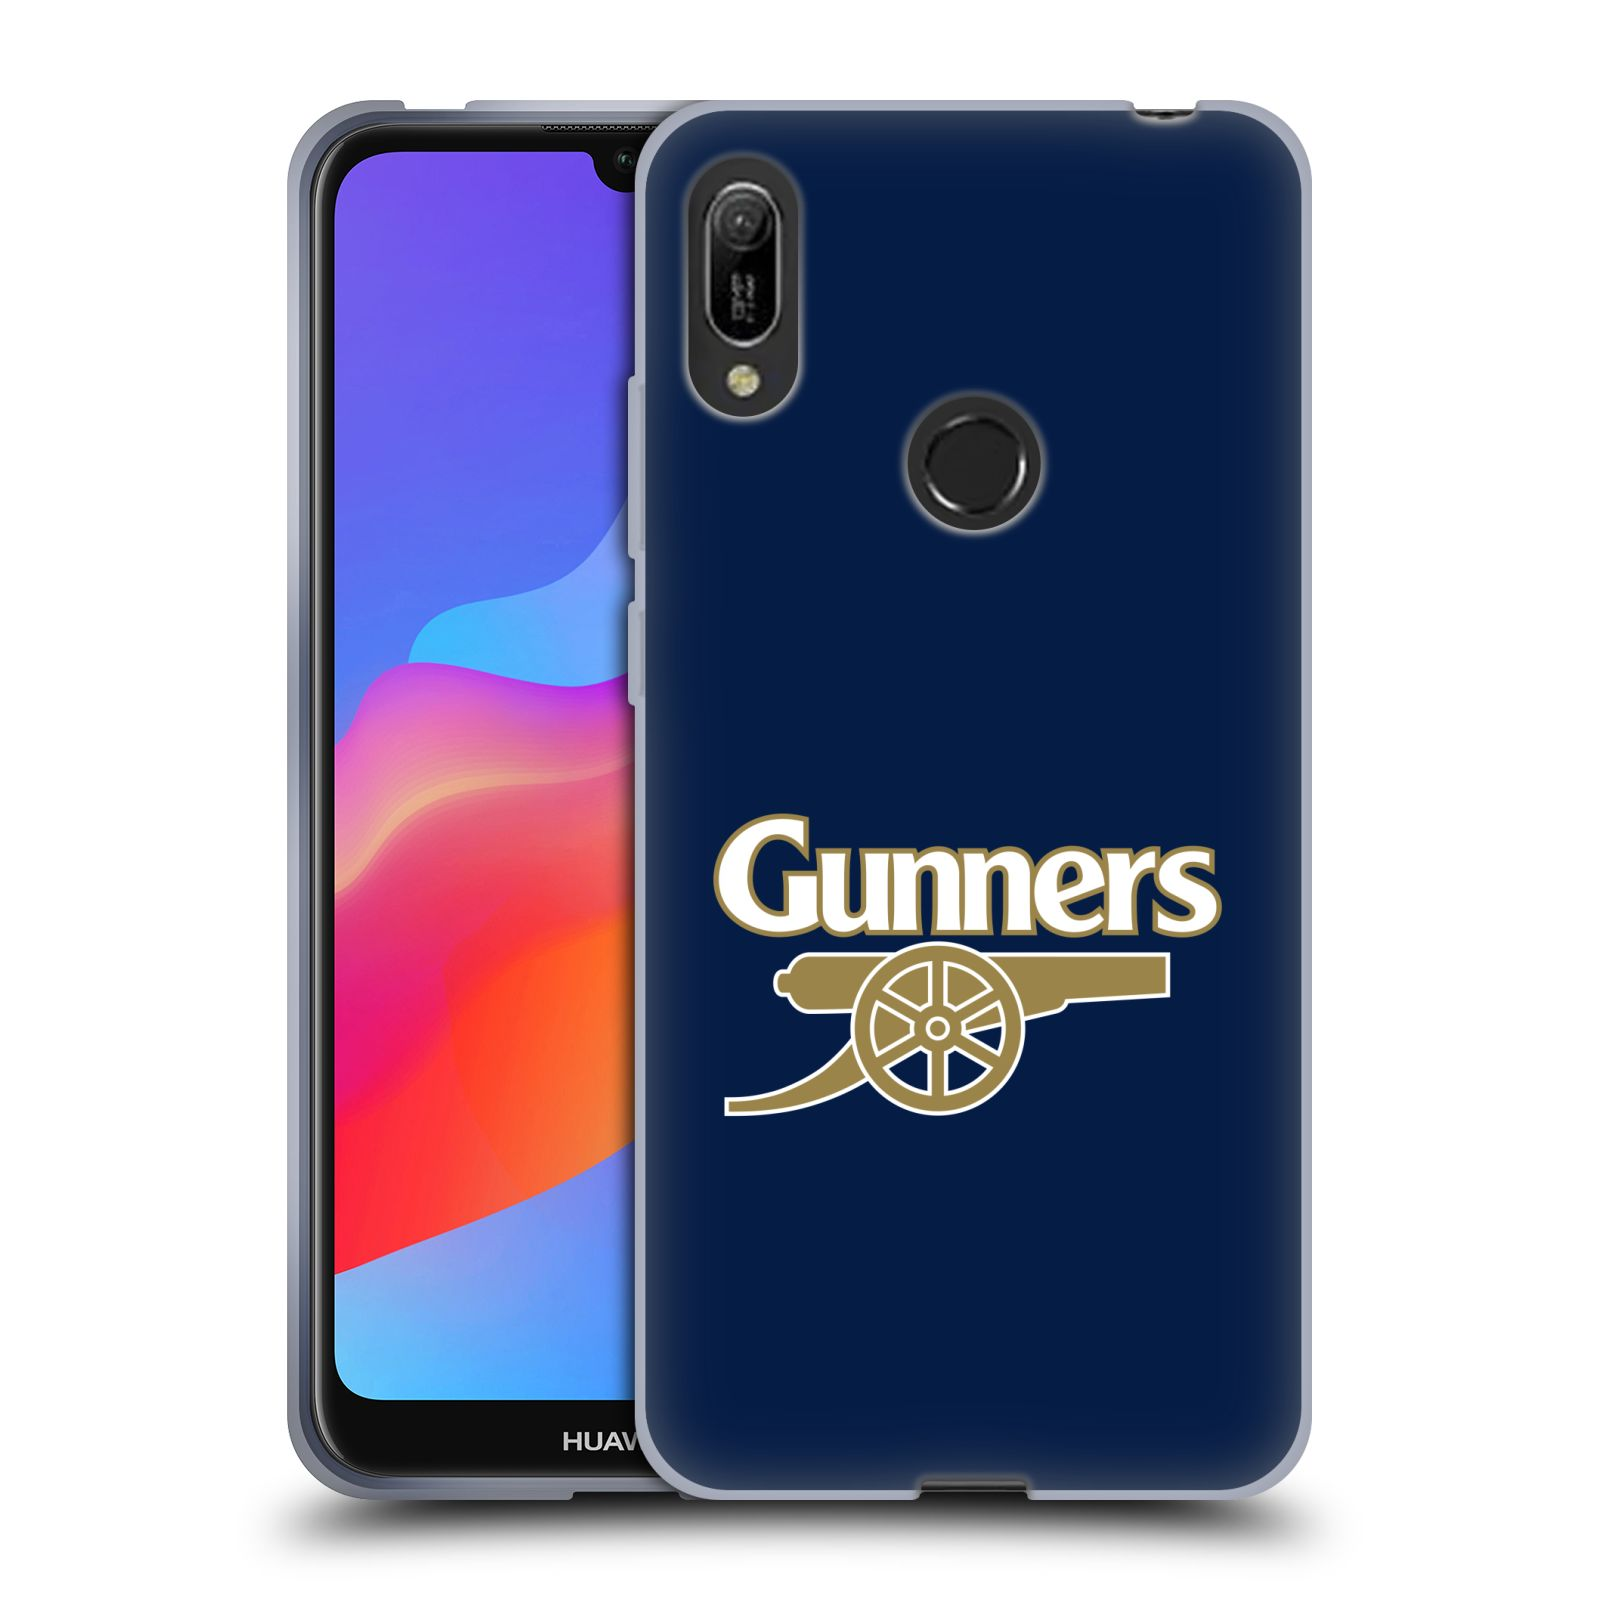 Silikonové pouzdro na mobil Huawei Y6 (2019) - Head Case - Arsenal FC - Gunners